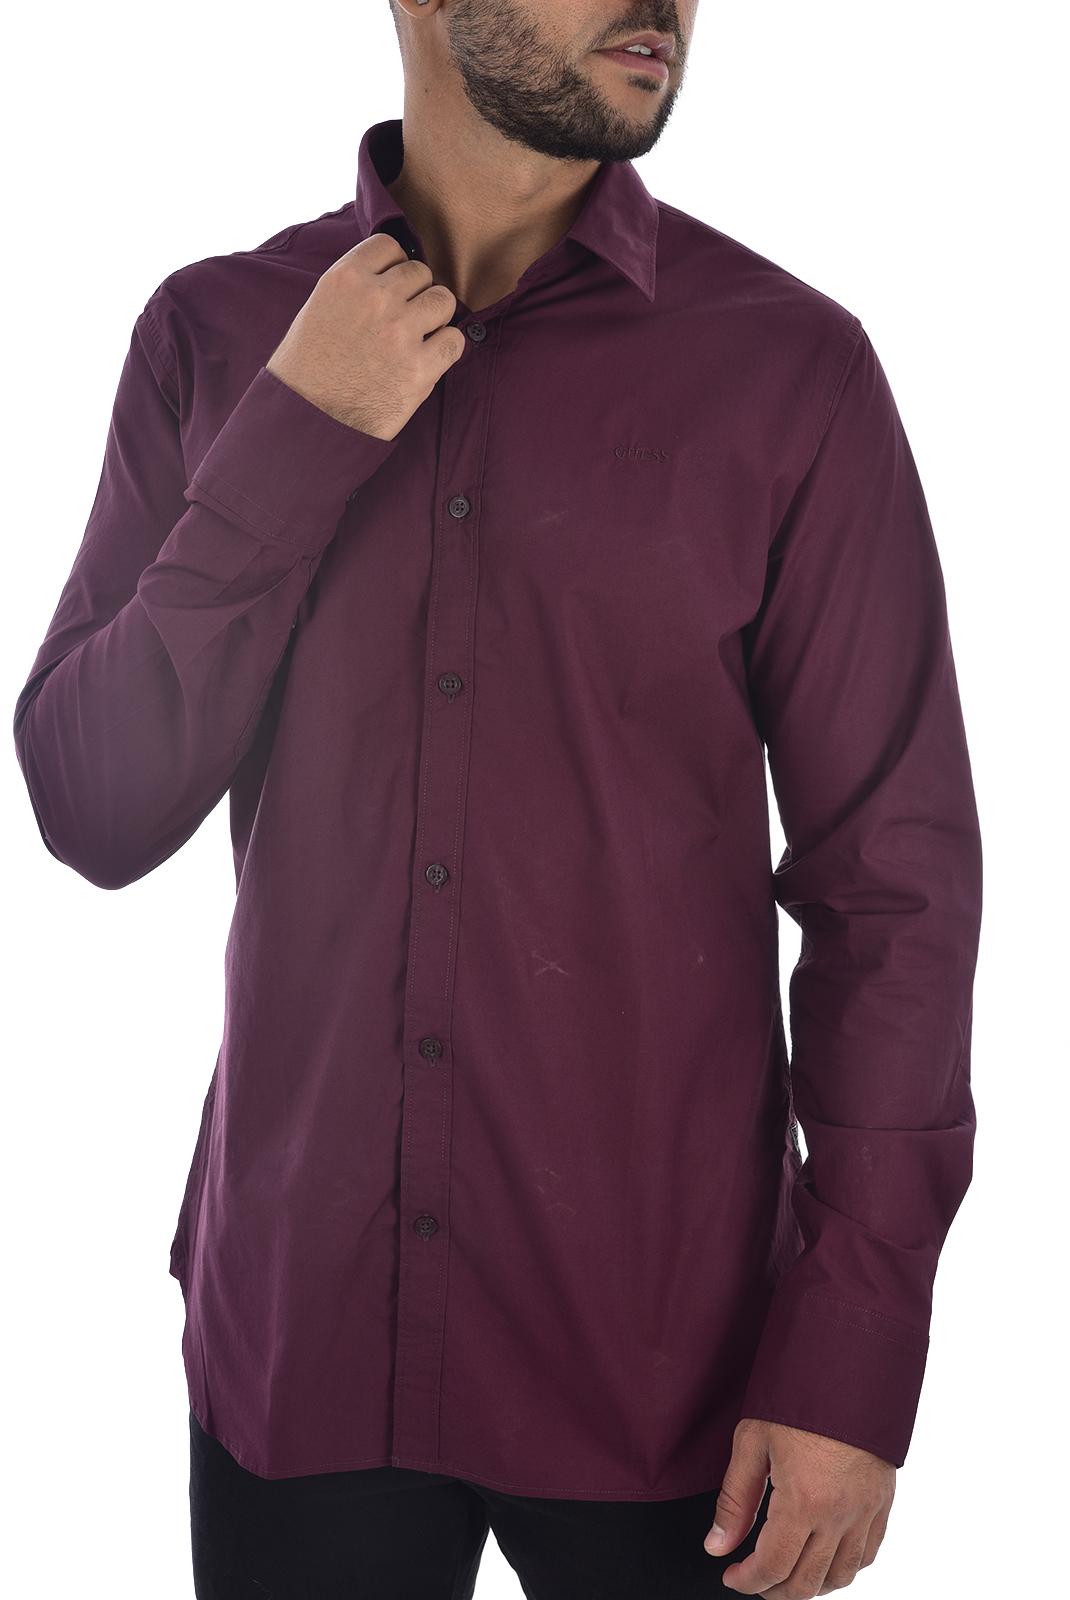 Chemises manches longues  Guess jeans M94H20 WCC70 SUNSET SHIRT REGAL PLUM